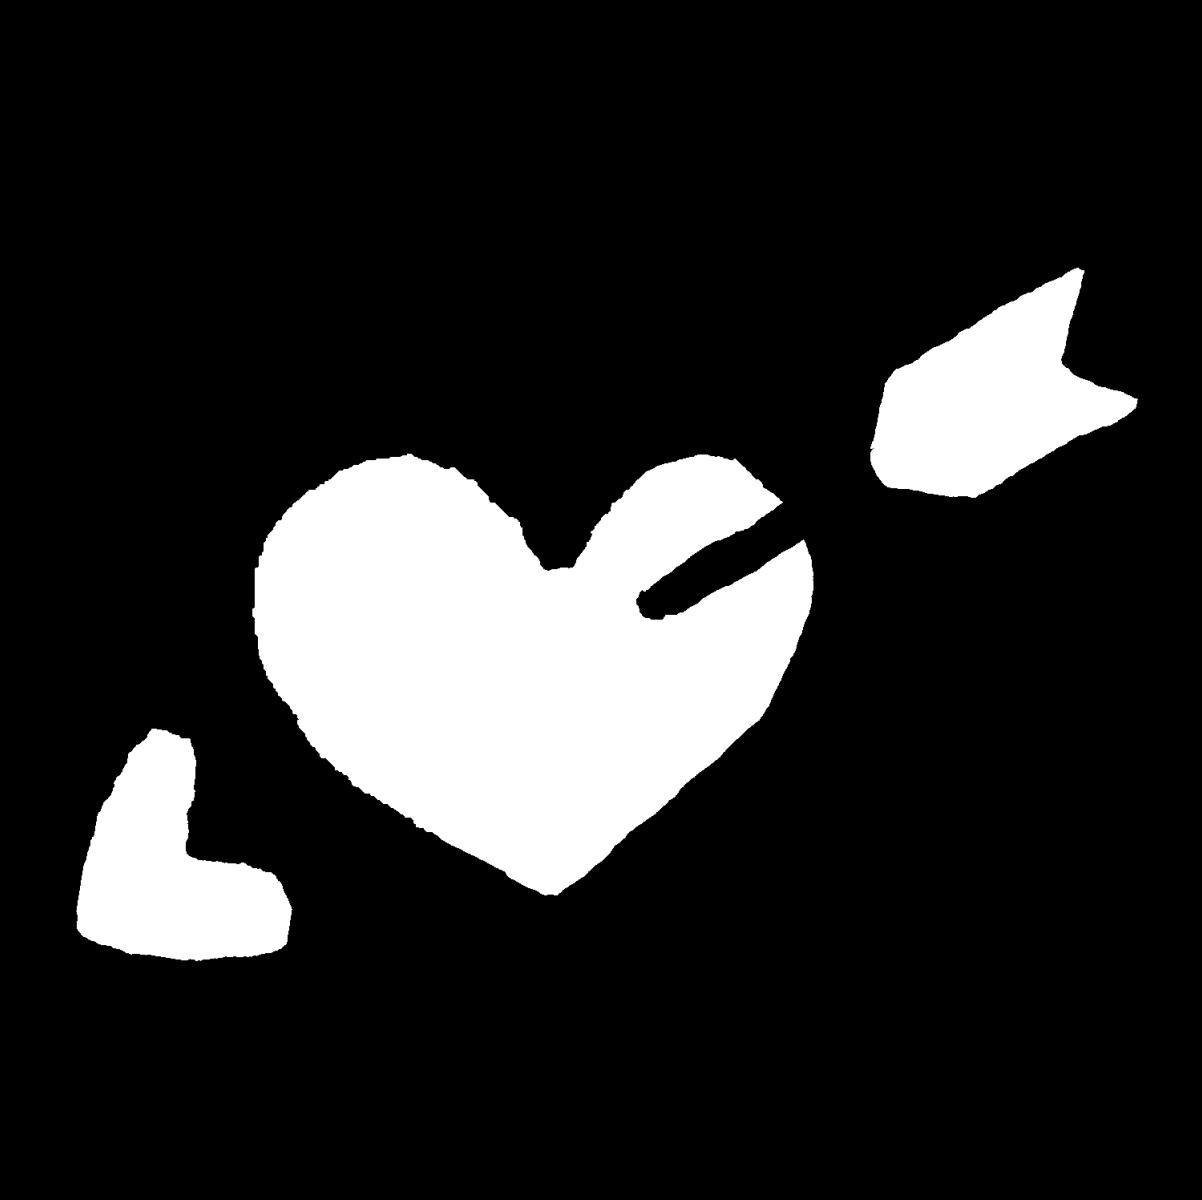 矢のささったハートのイラスト / Heart with an arrow in it Illustration